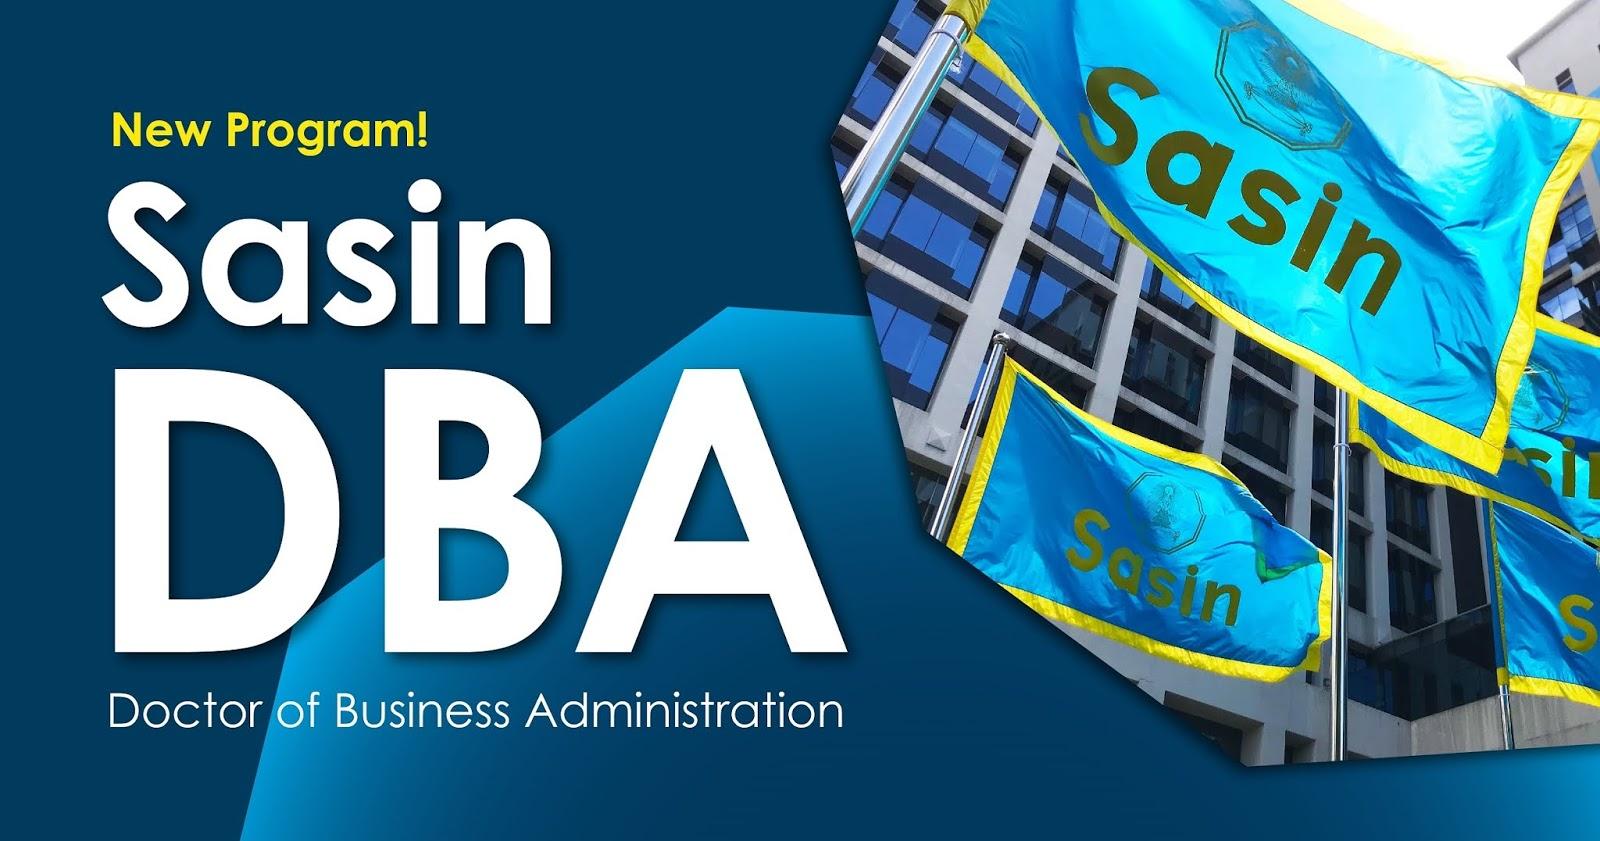 ศศินทร์เปิดหลักสูตรปริญญาเอก Sasin DBA (Doctor of Business Administration) สร้างงานวิจัยไปสู่การปฏิบัติจริง